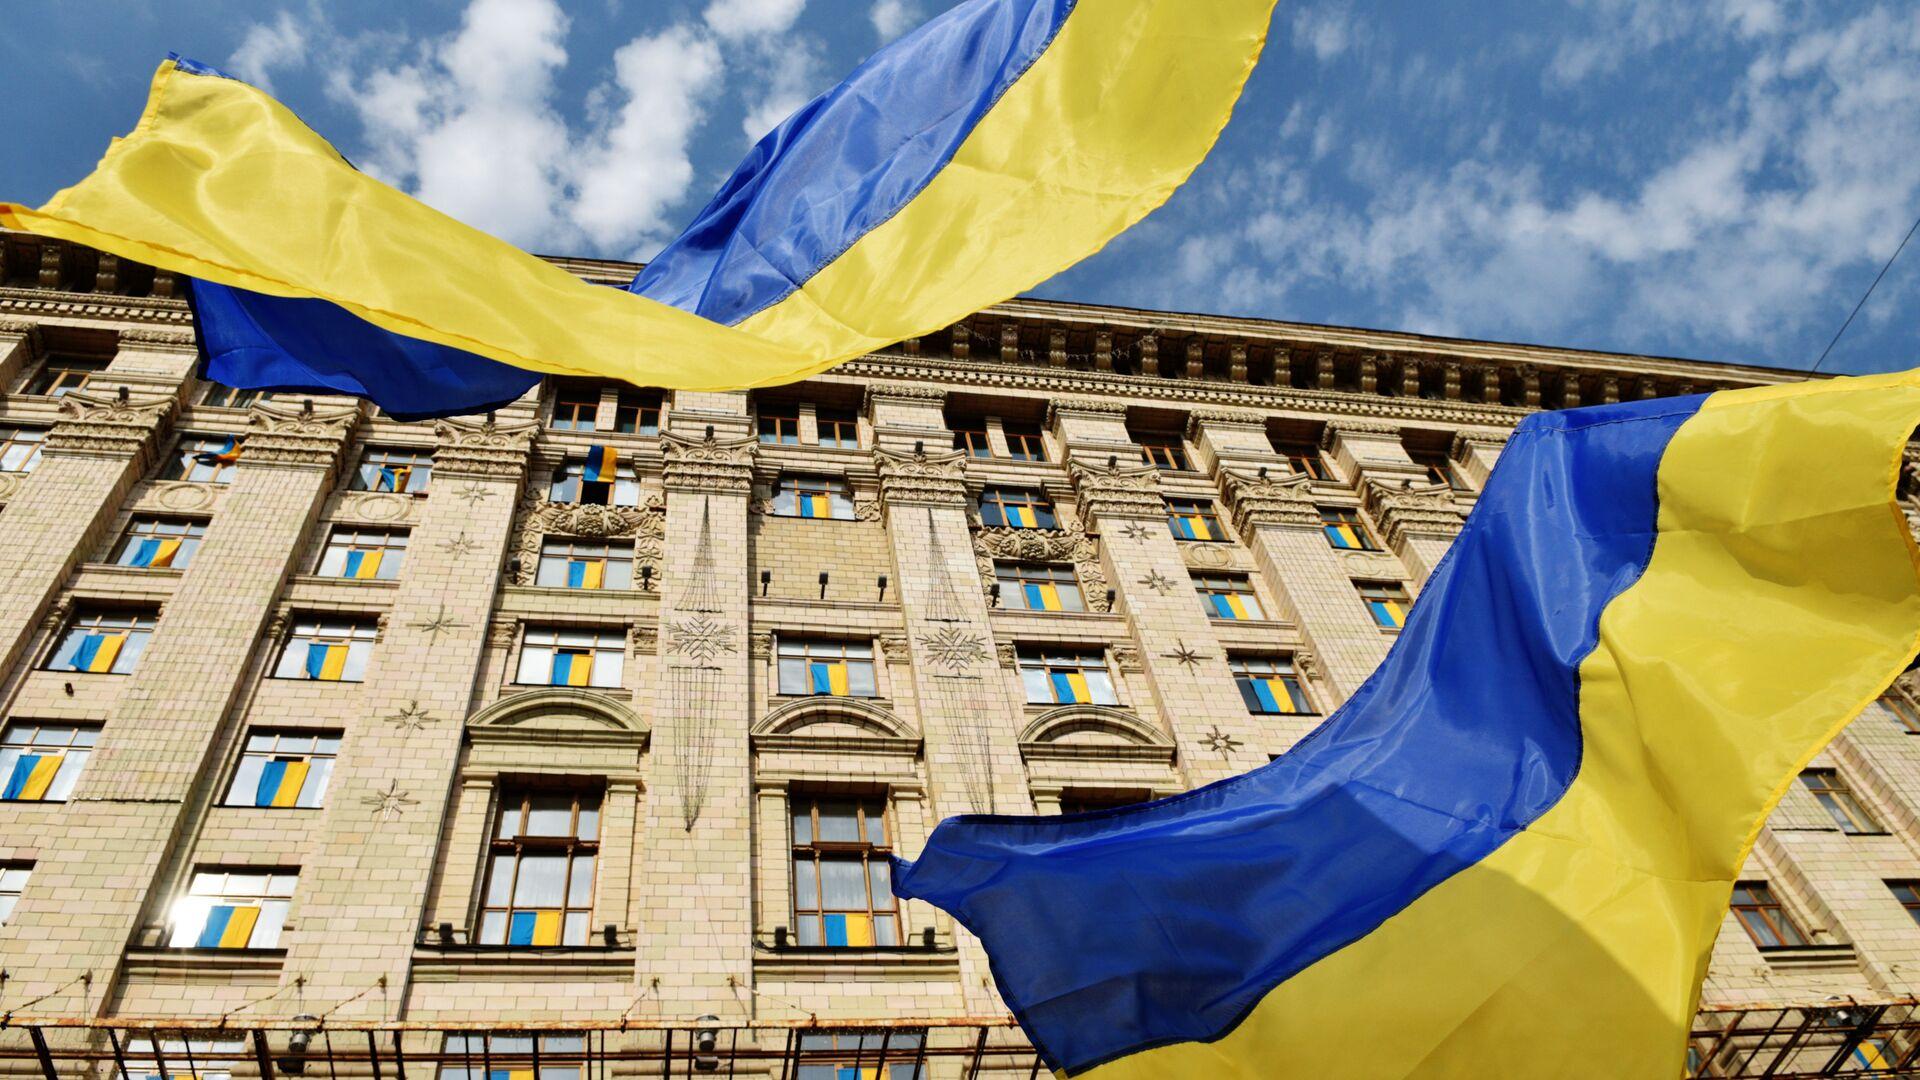 Флаги у Киевской городской администрации - Sputnik Латвия, 1920, 09.07.2021